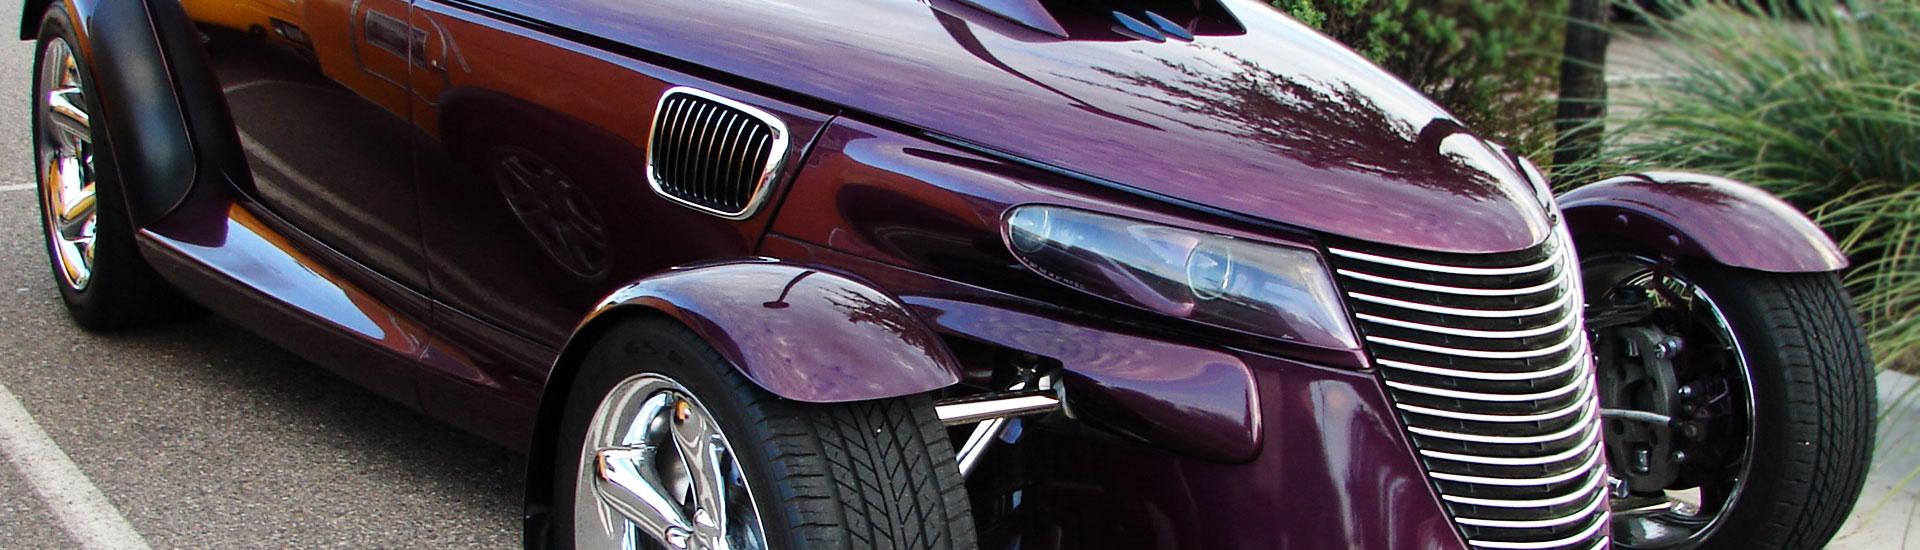 Plymouth Headlight Tint Plymouth Headlight Tint Kit